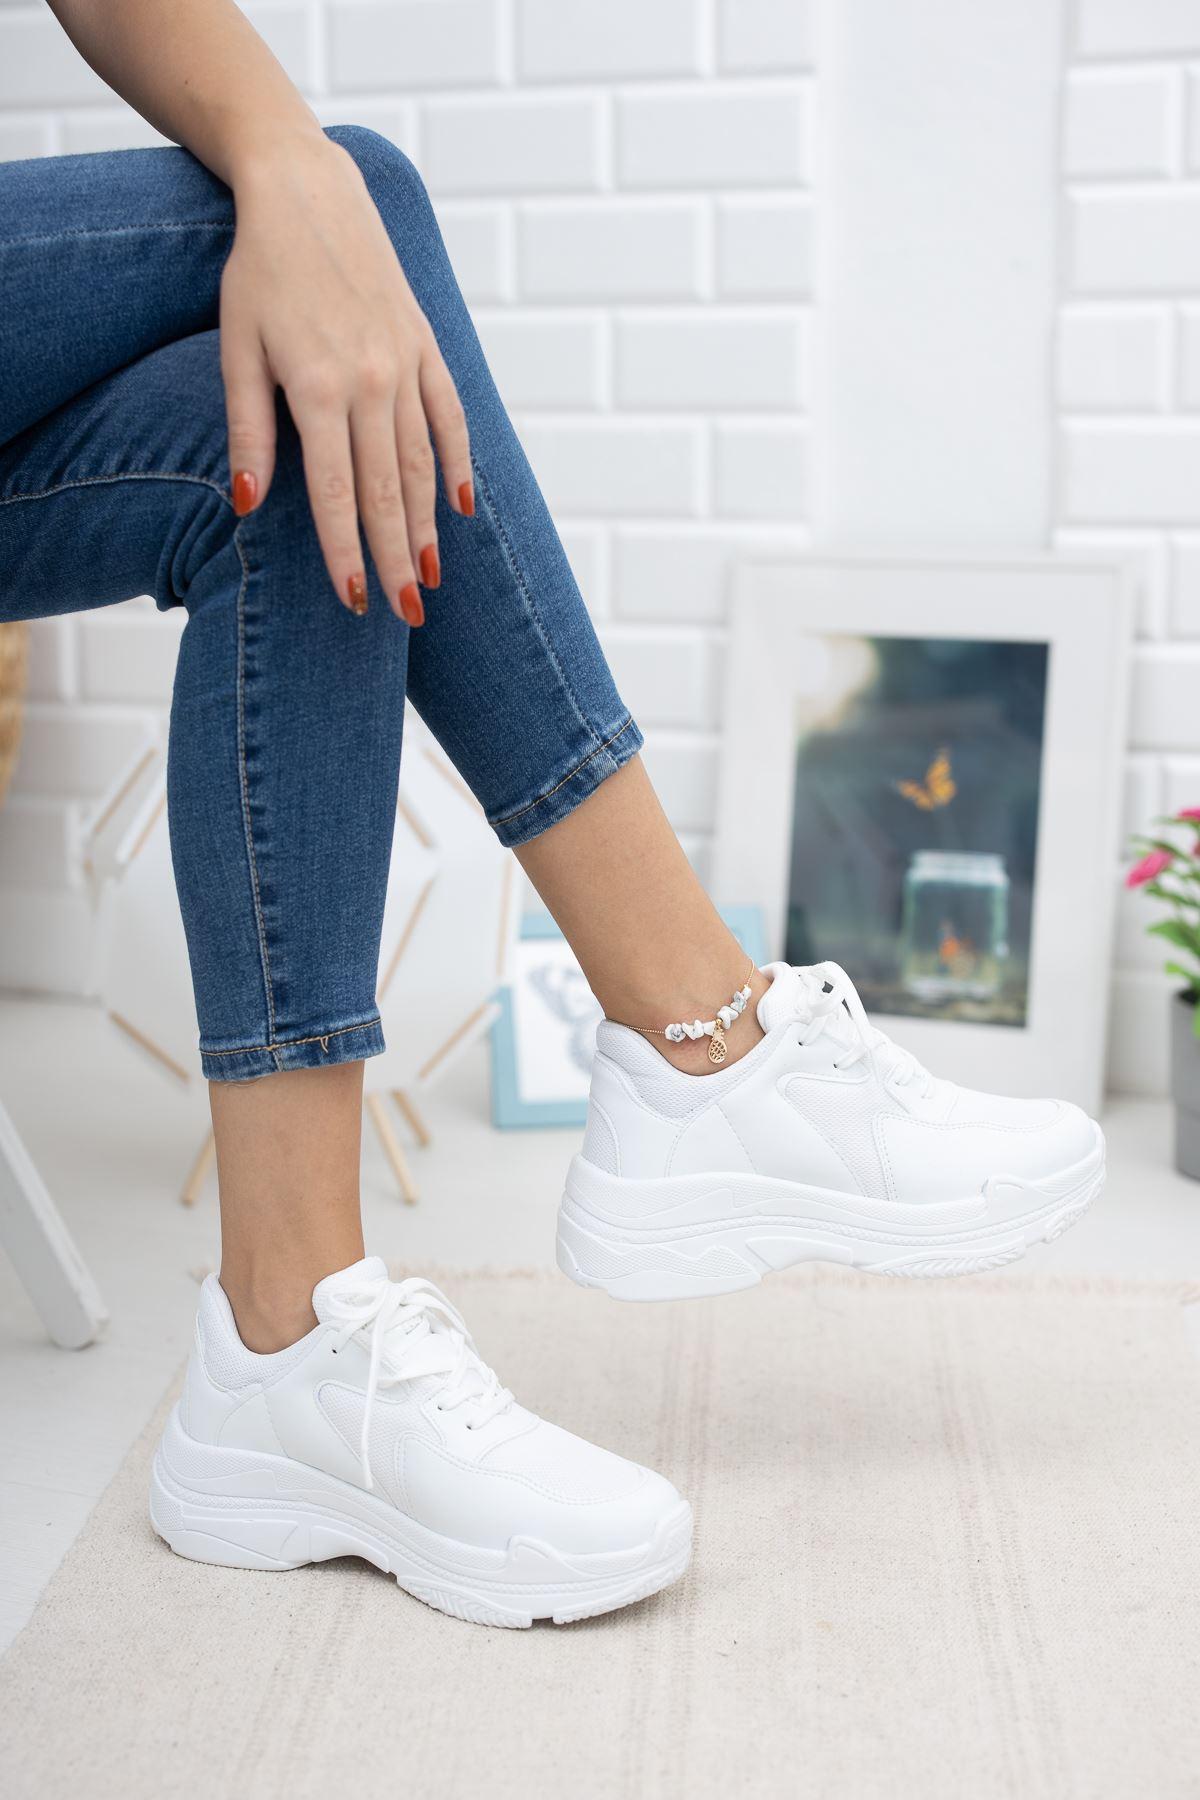 Loic Beyaz Fileli Spor Ayakkabı